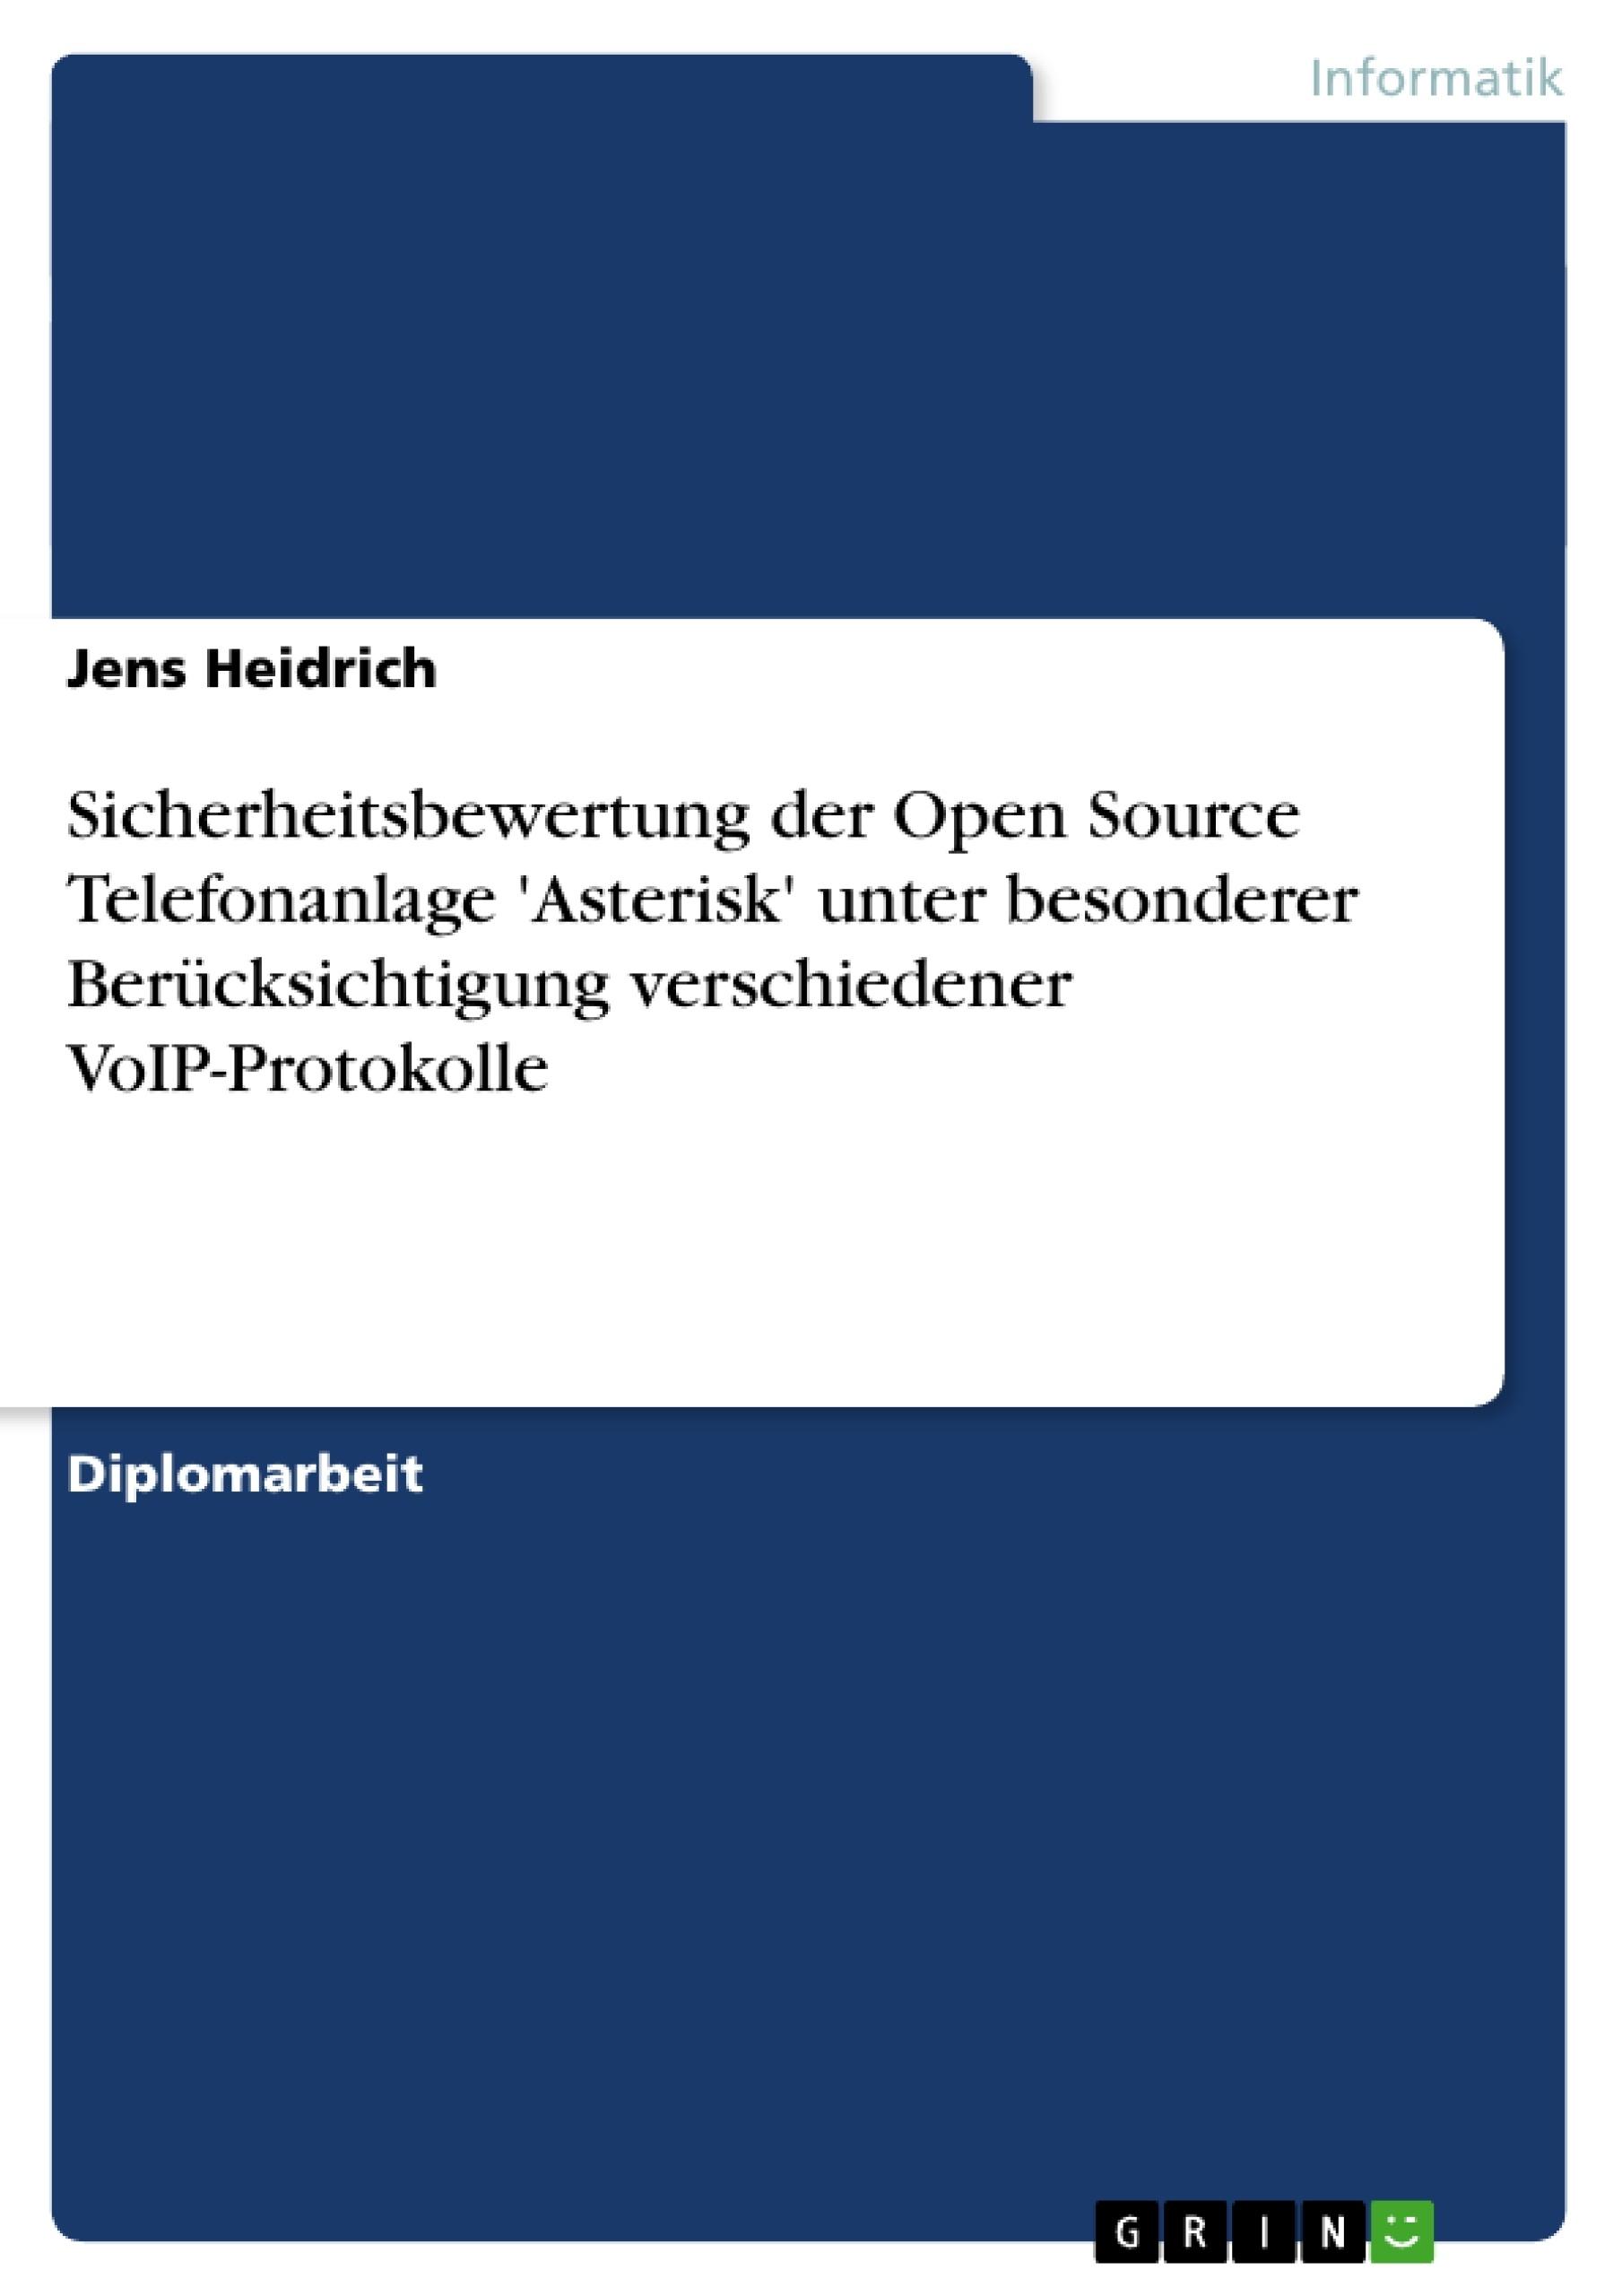 Titel: Sicherheitsbewertung der Open Source Telefonanlage 'Asterisk' unter besonderer Berücksichtigung verschiedener VoIP-Protokolle